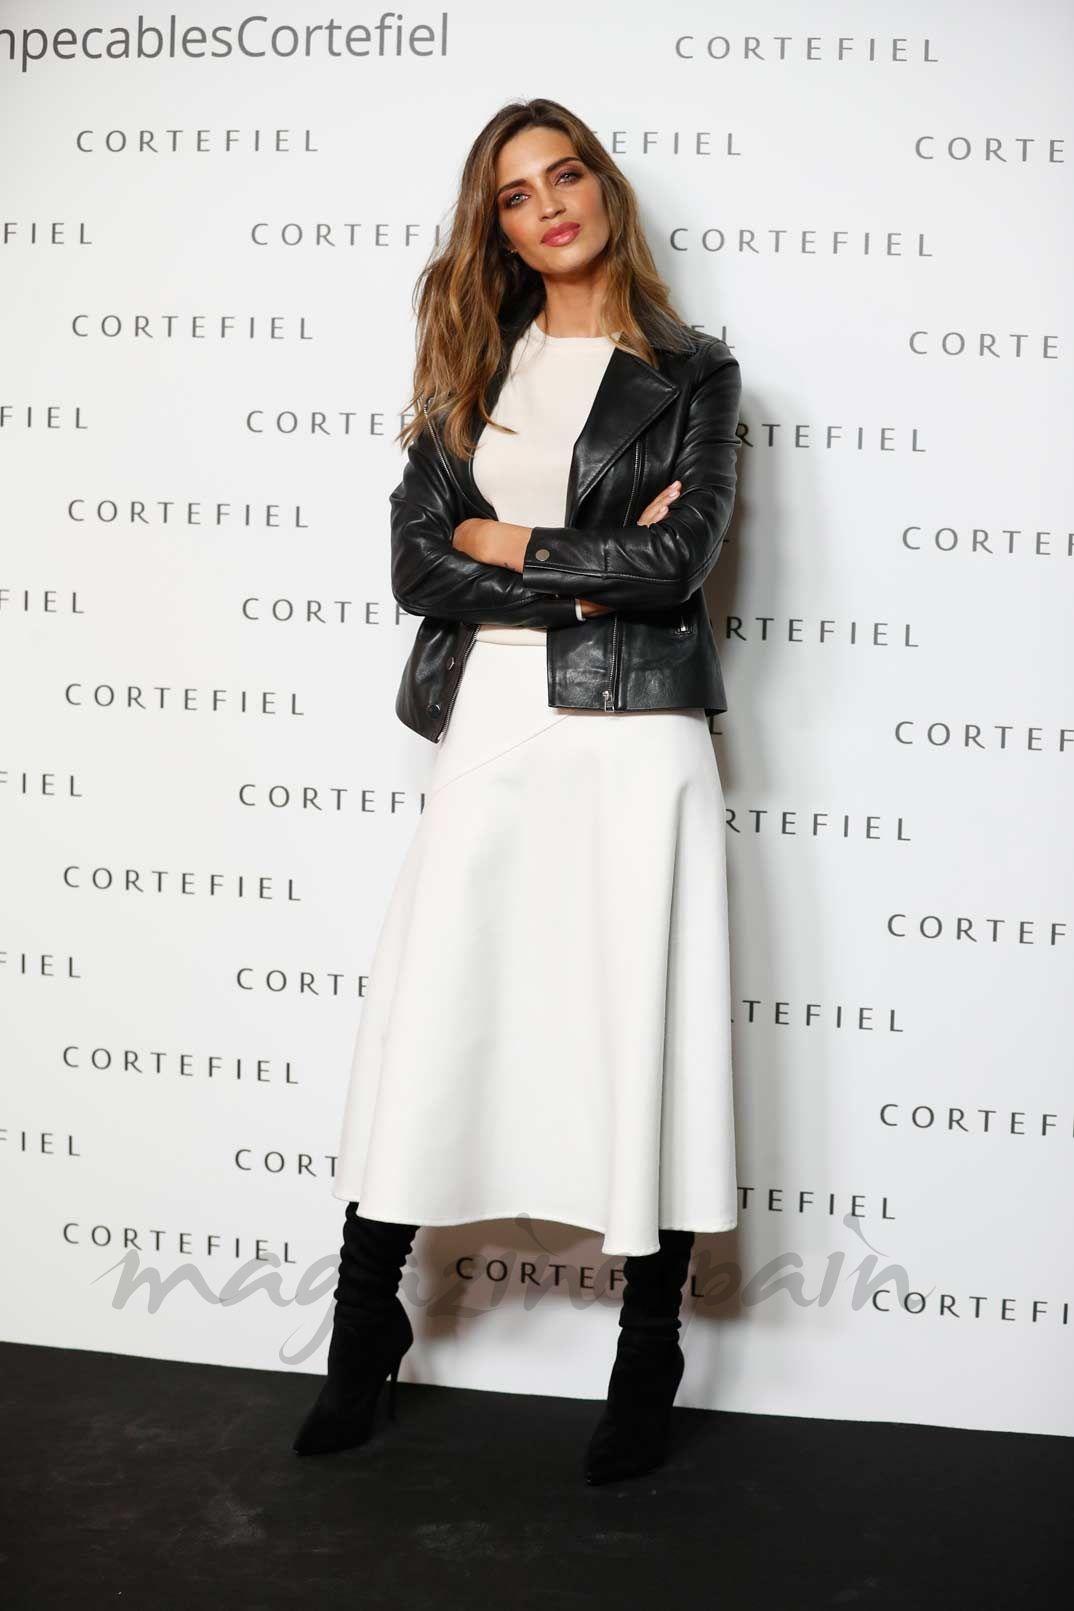 bac141a9ea11 Copia el look de Sara Carbonero para este otoño | Style | Faldas de ...